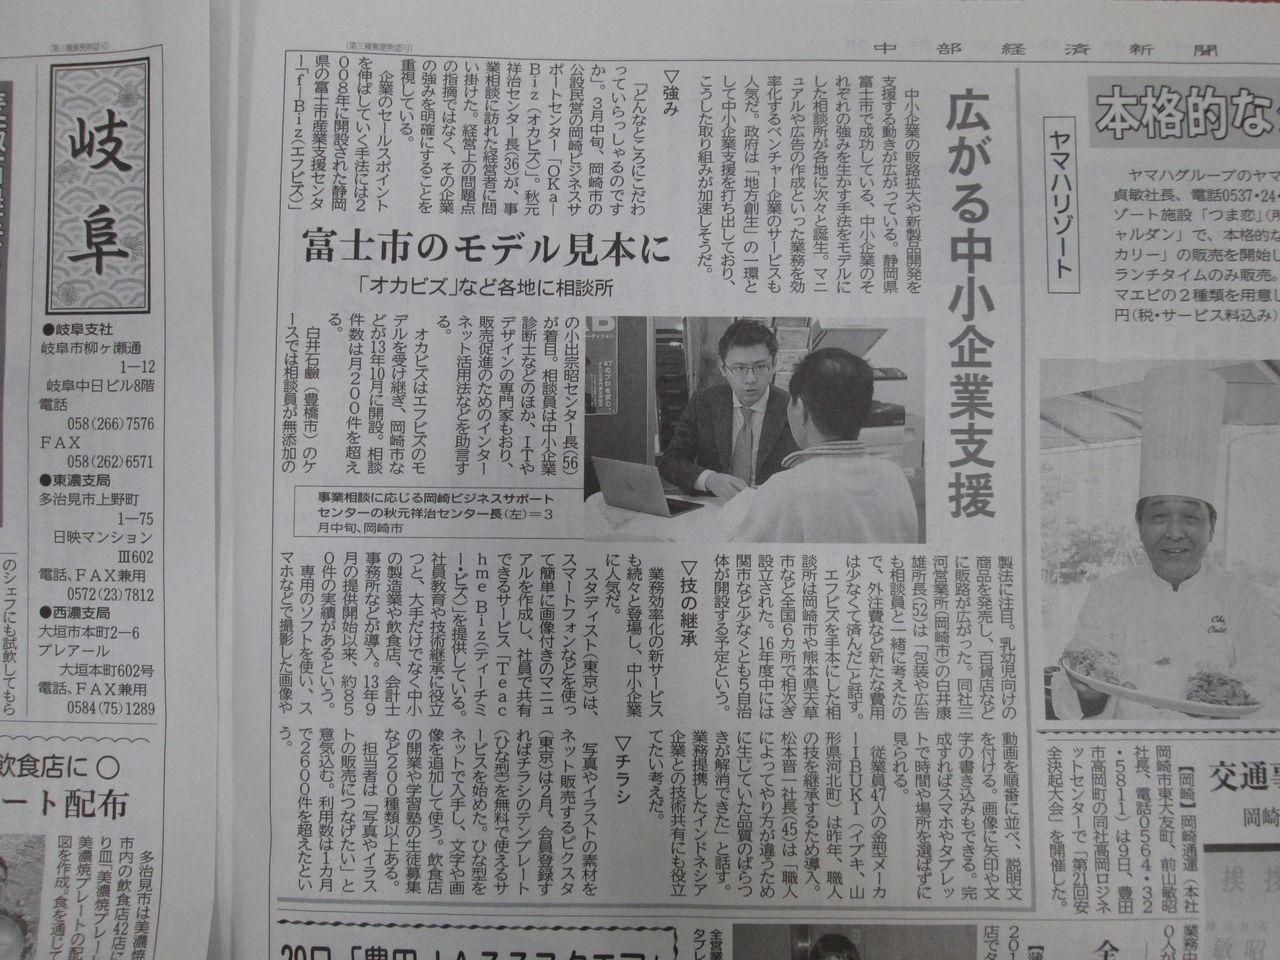 中部経済新聞280510「広がる中小企業支援」